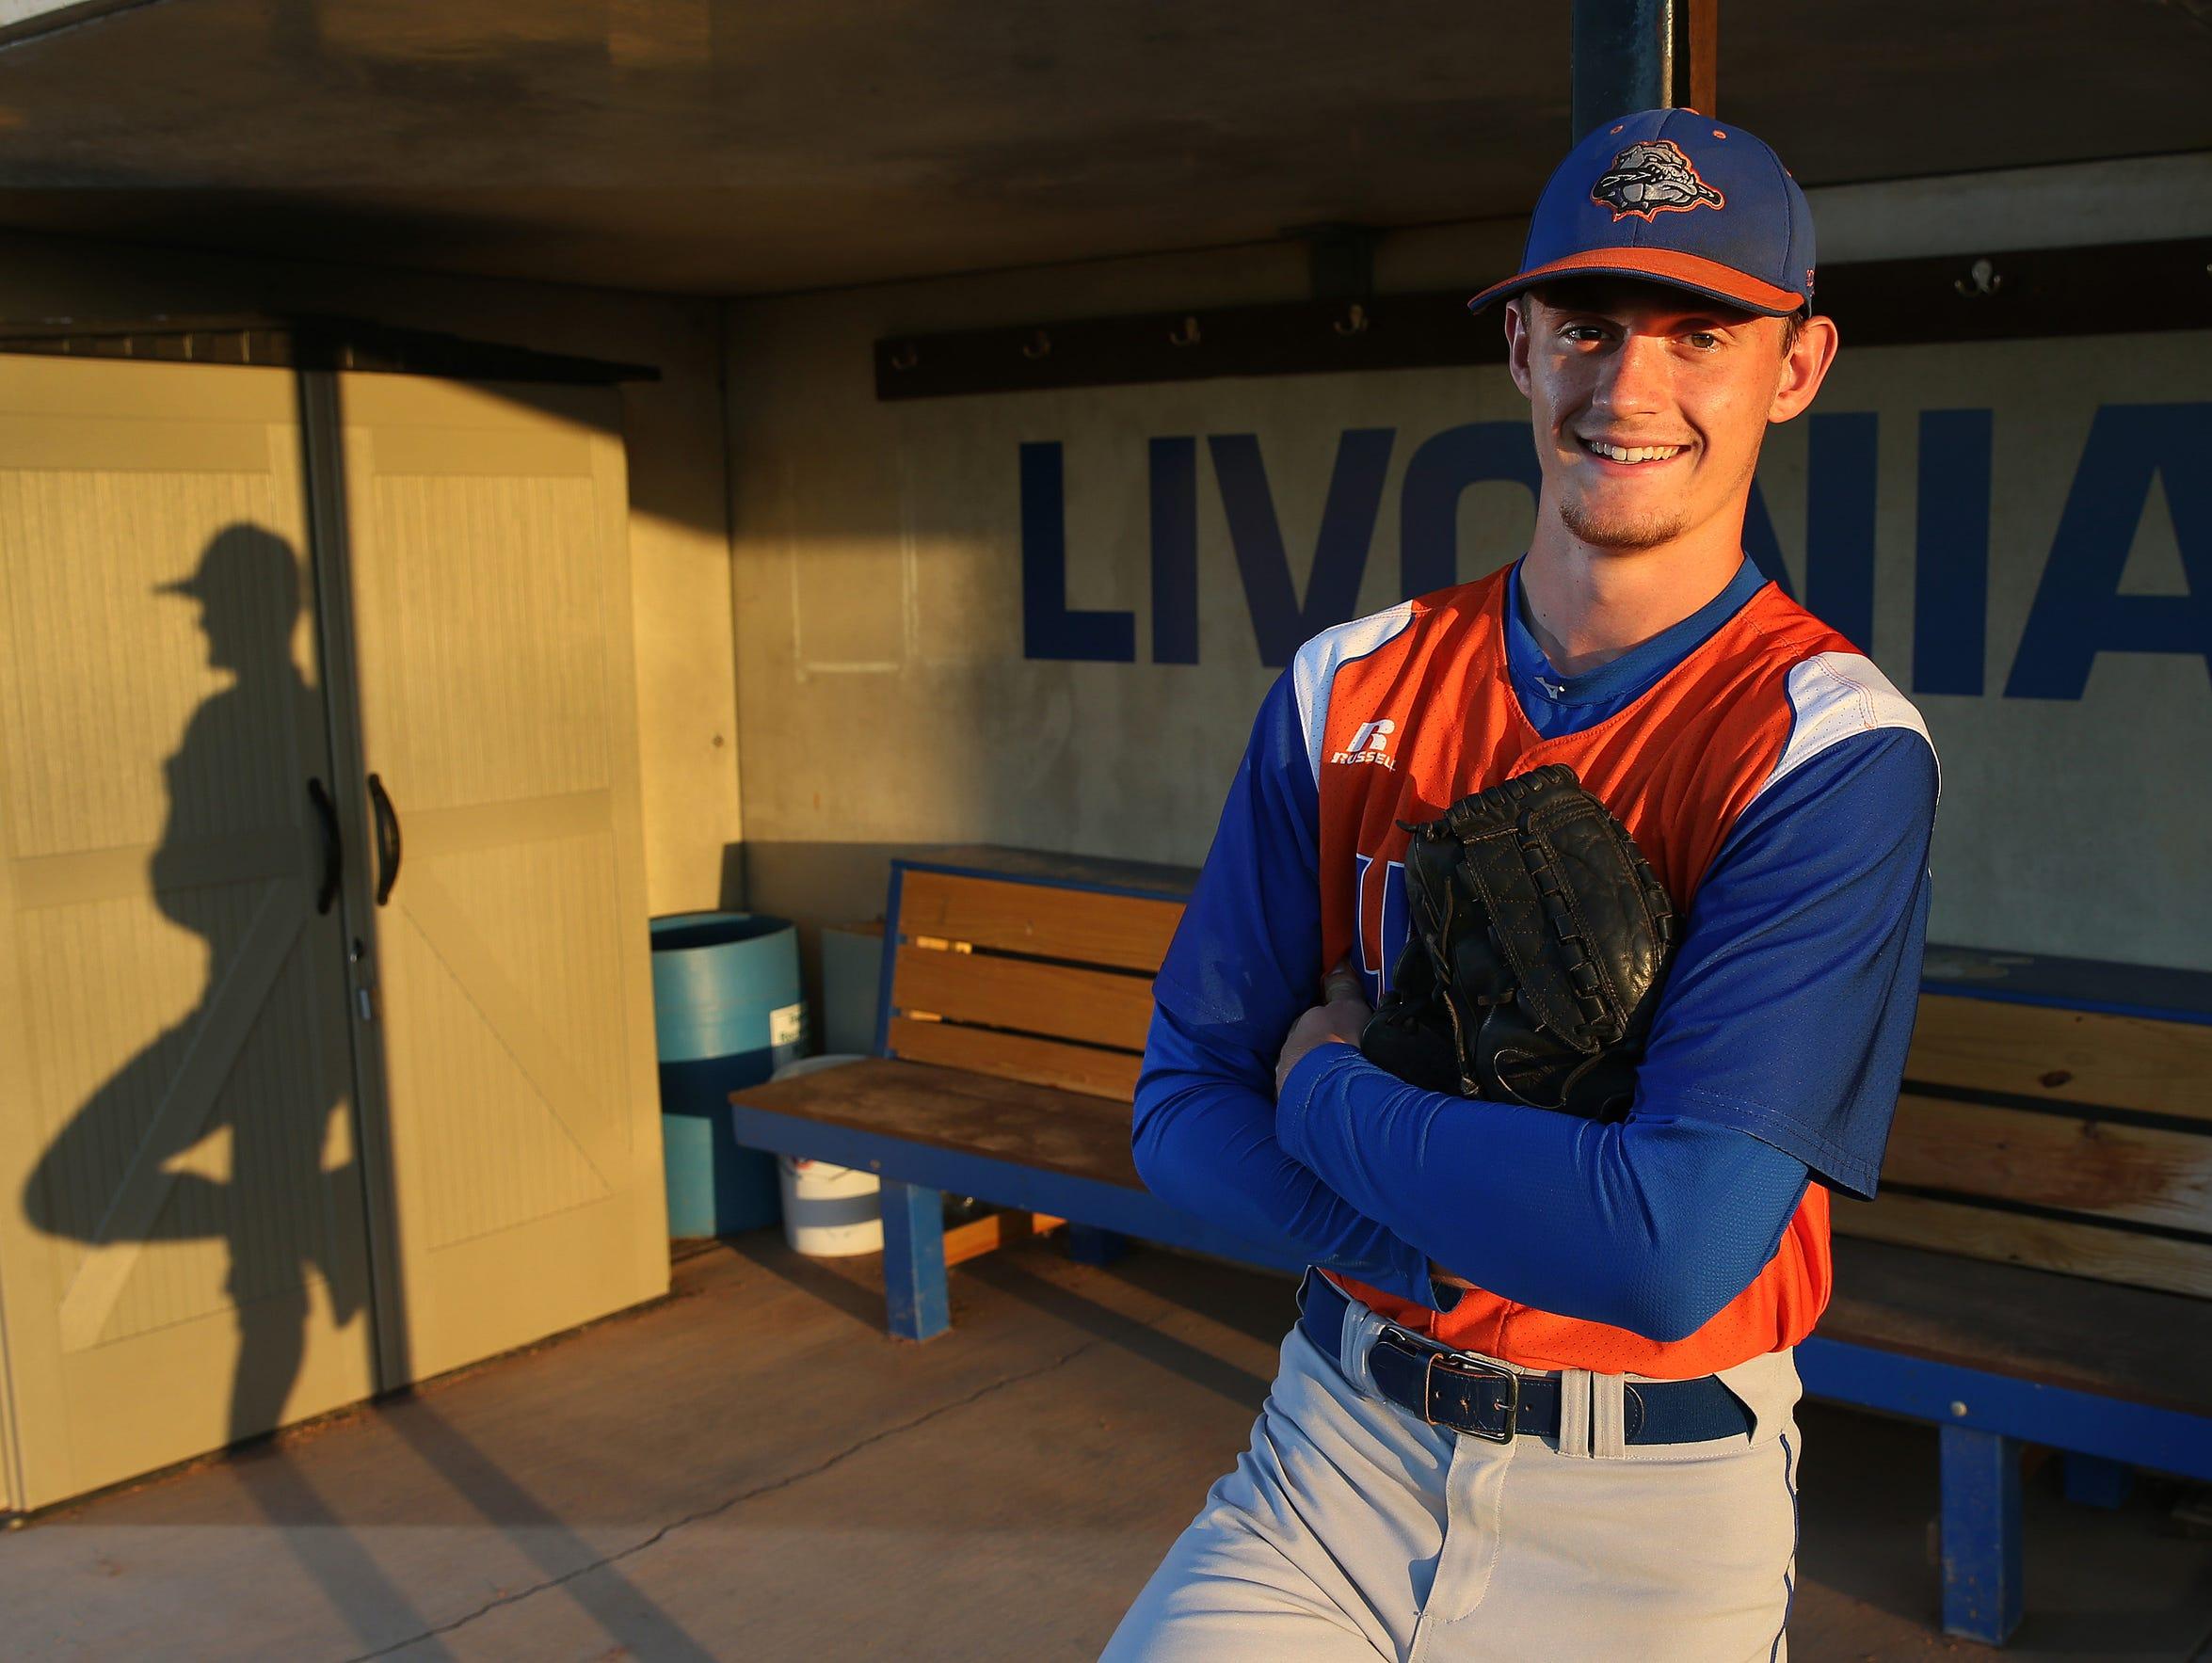 Reid Vanscoter, 2017 All-Greater Rochester Baseball